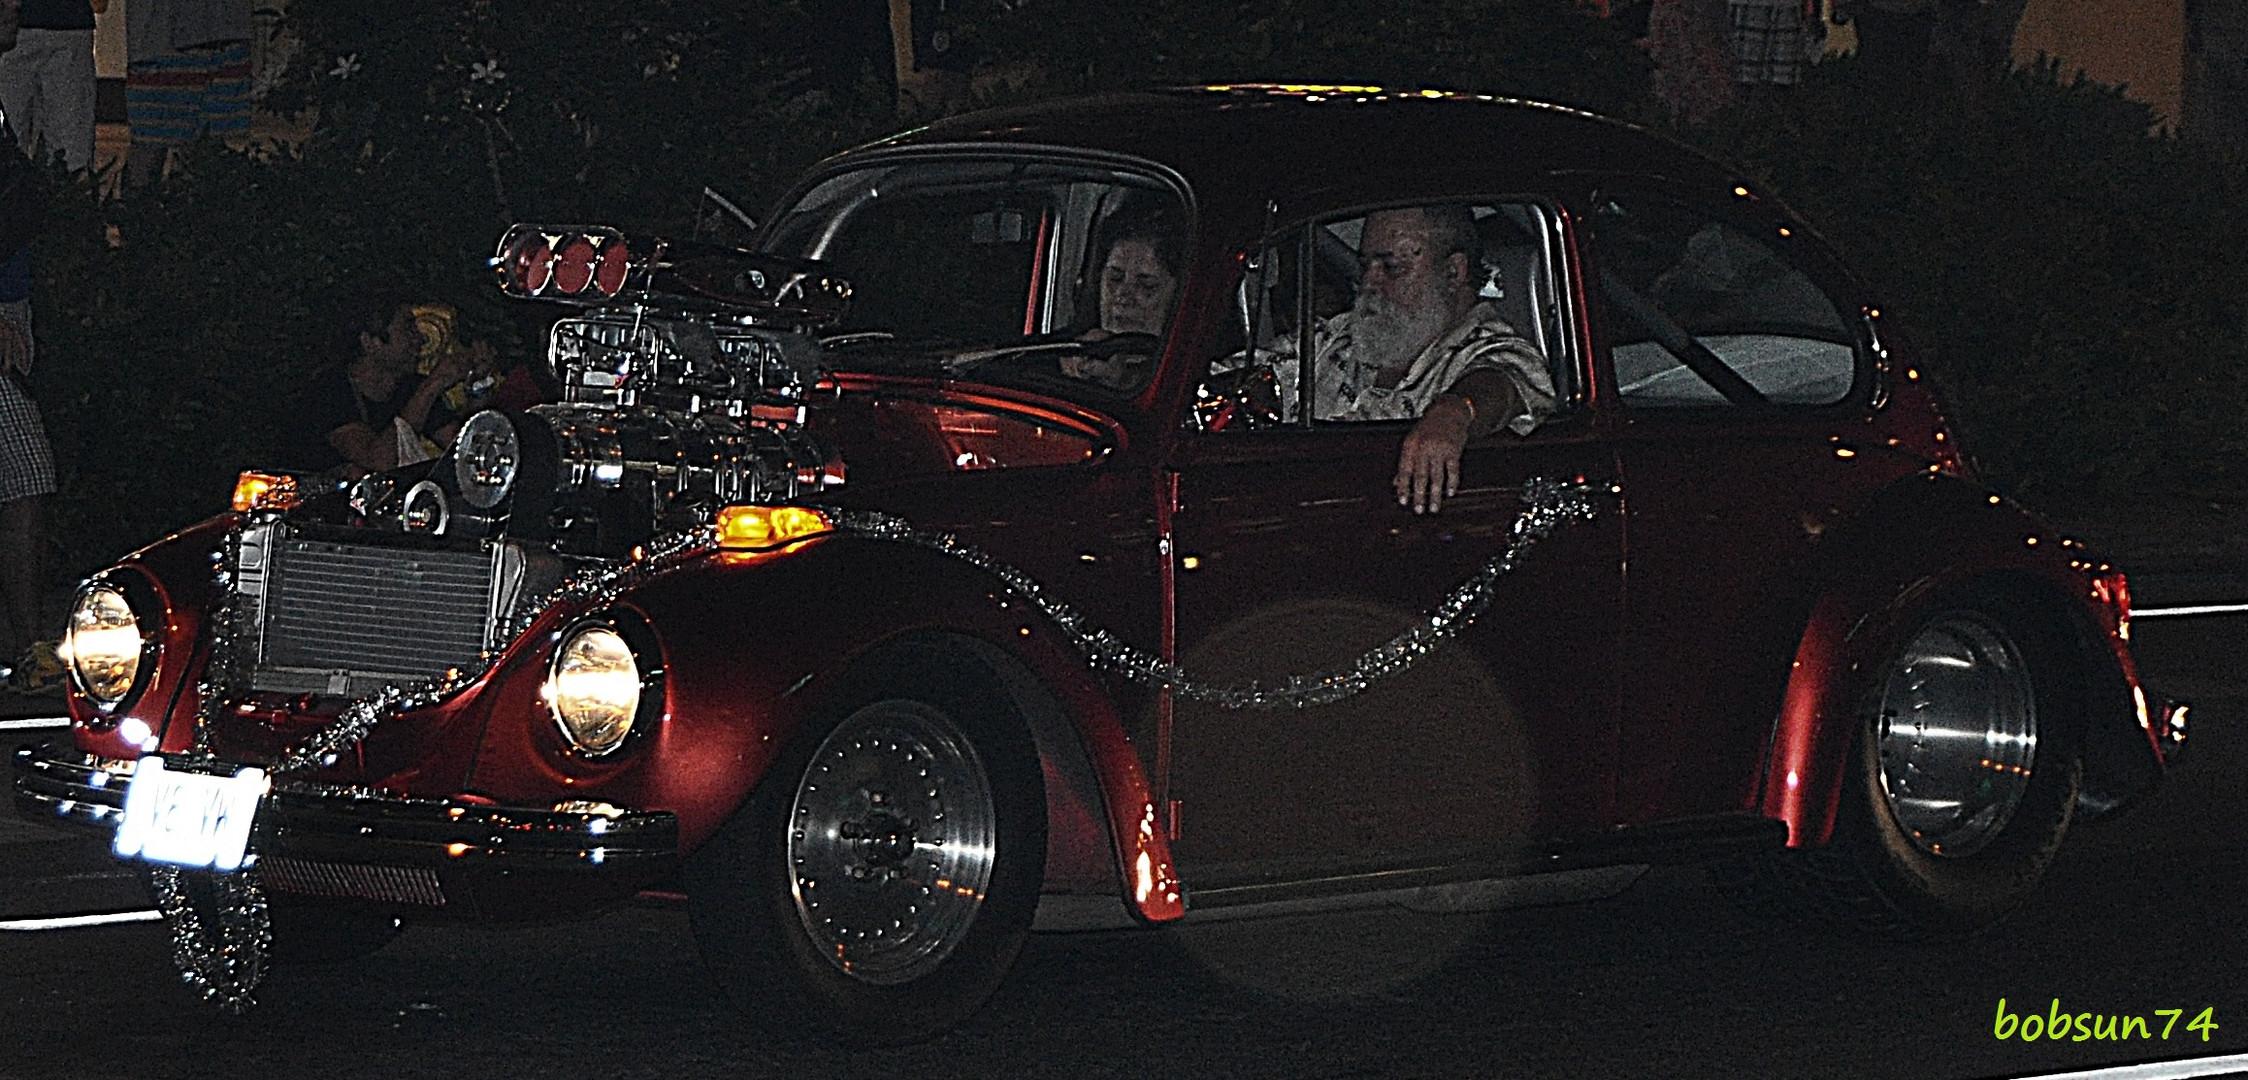 Herbie's böse Schwester in den Strassen von Honolulu